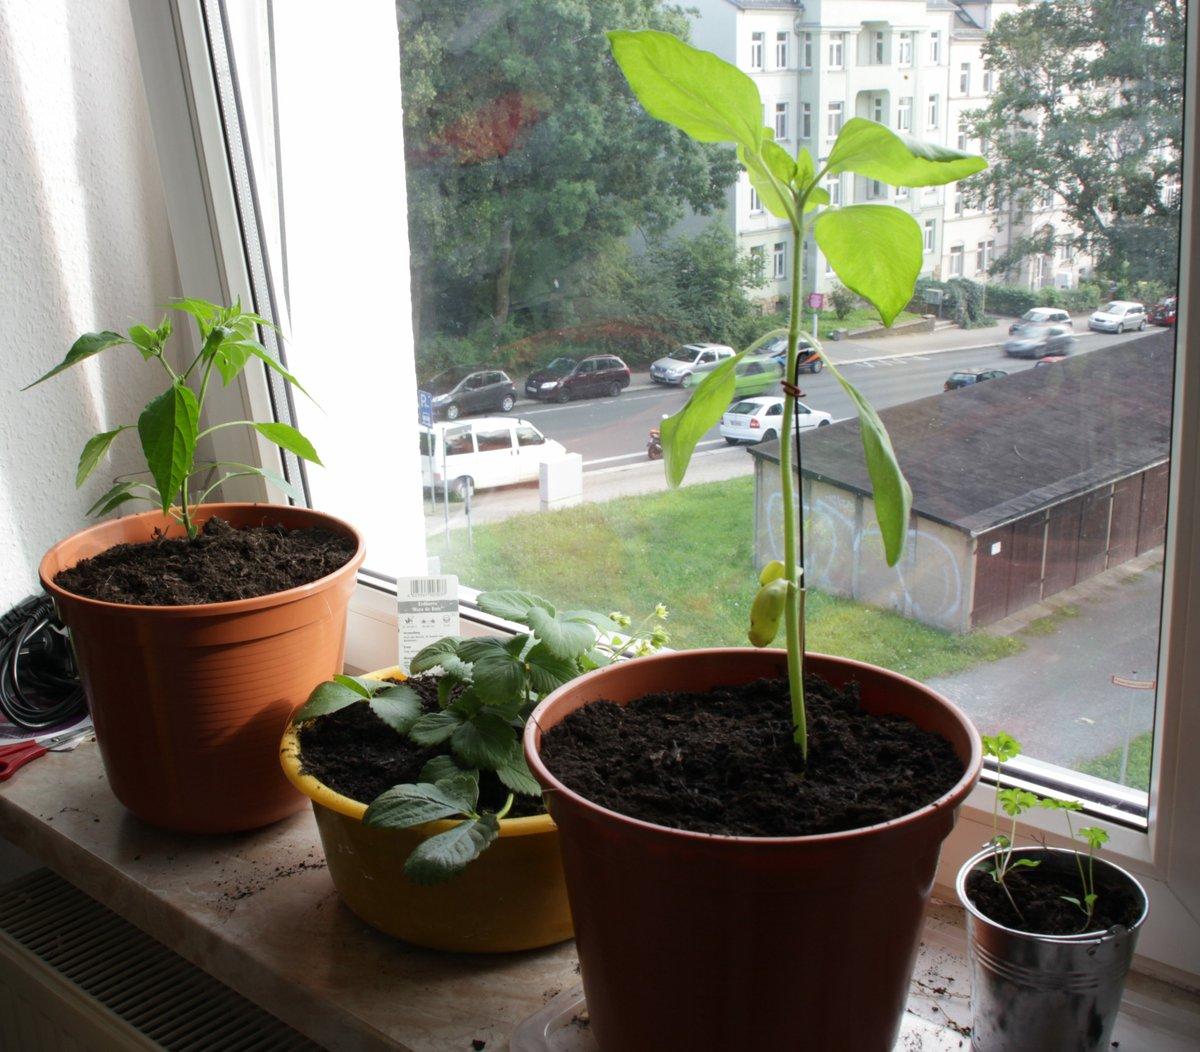 Chilipflanze, Erdbeere, Sonnenblume, Koriander auf einer Fensterbank